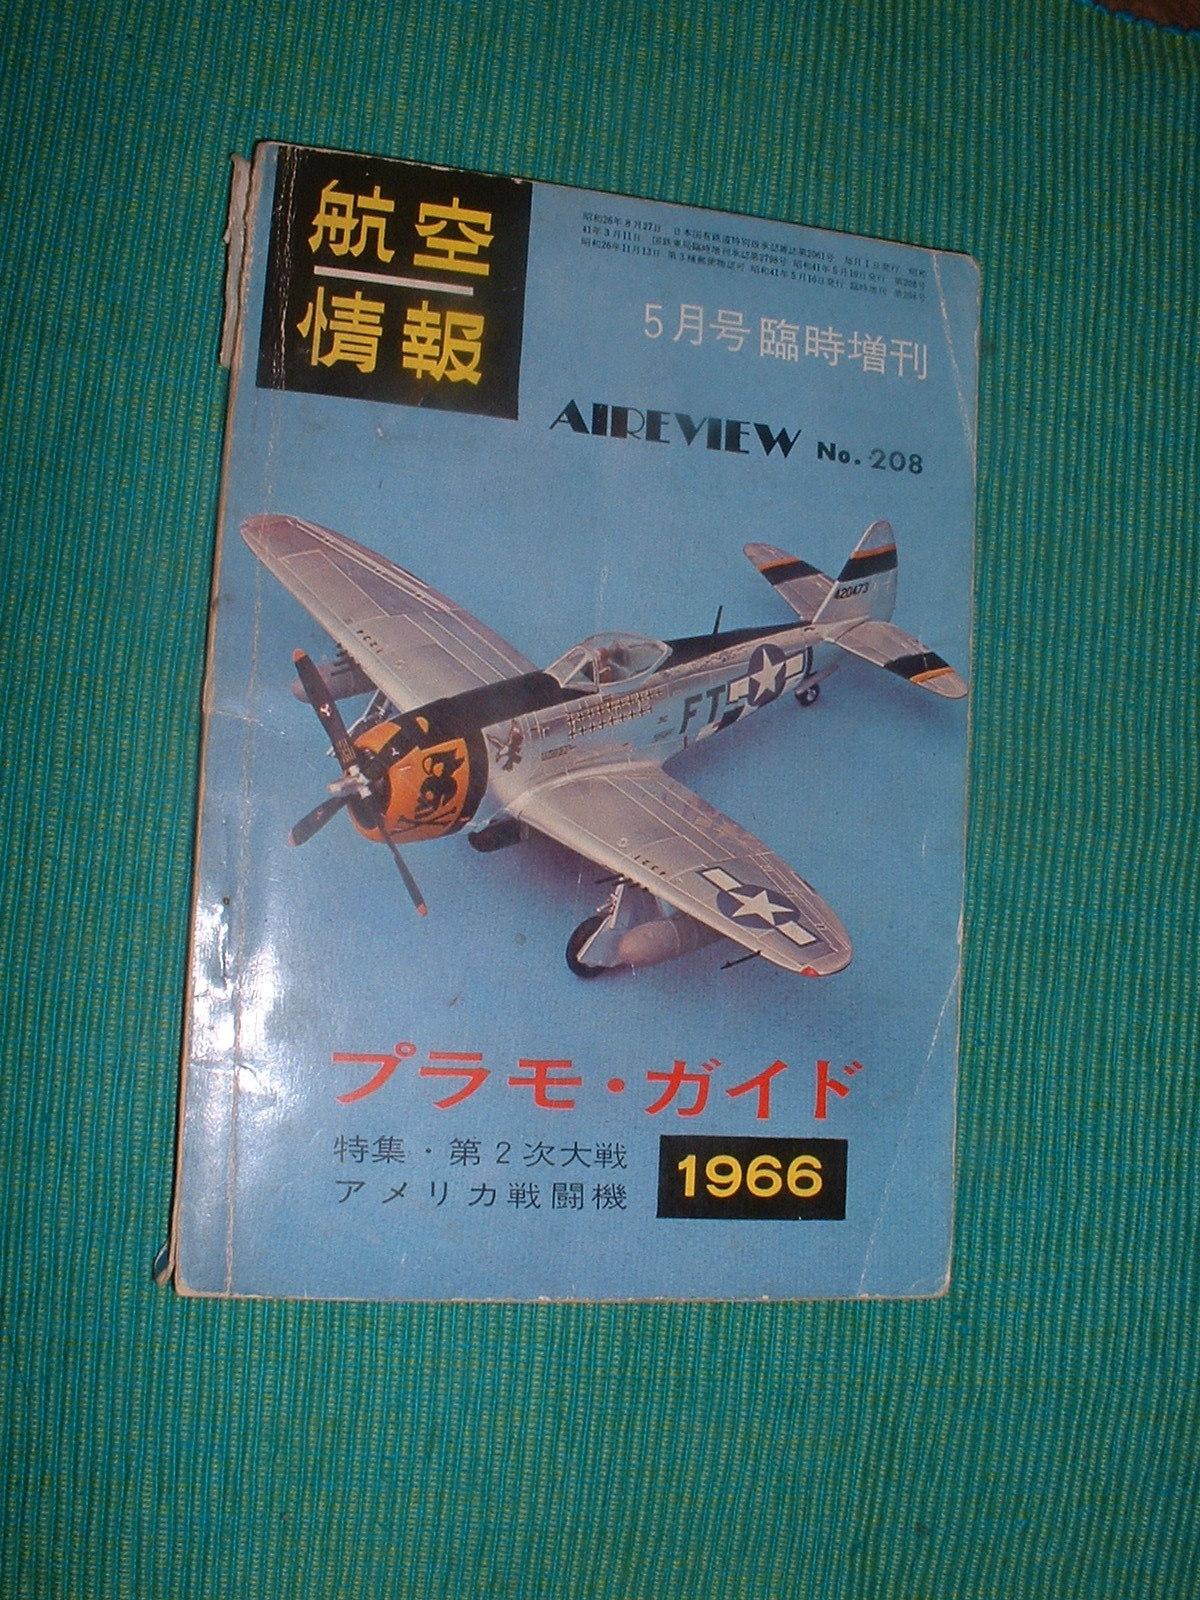 航空情報 別冊 プラモガイド1966年.JPG